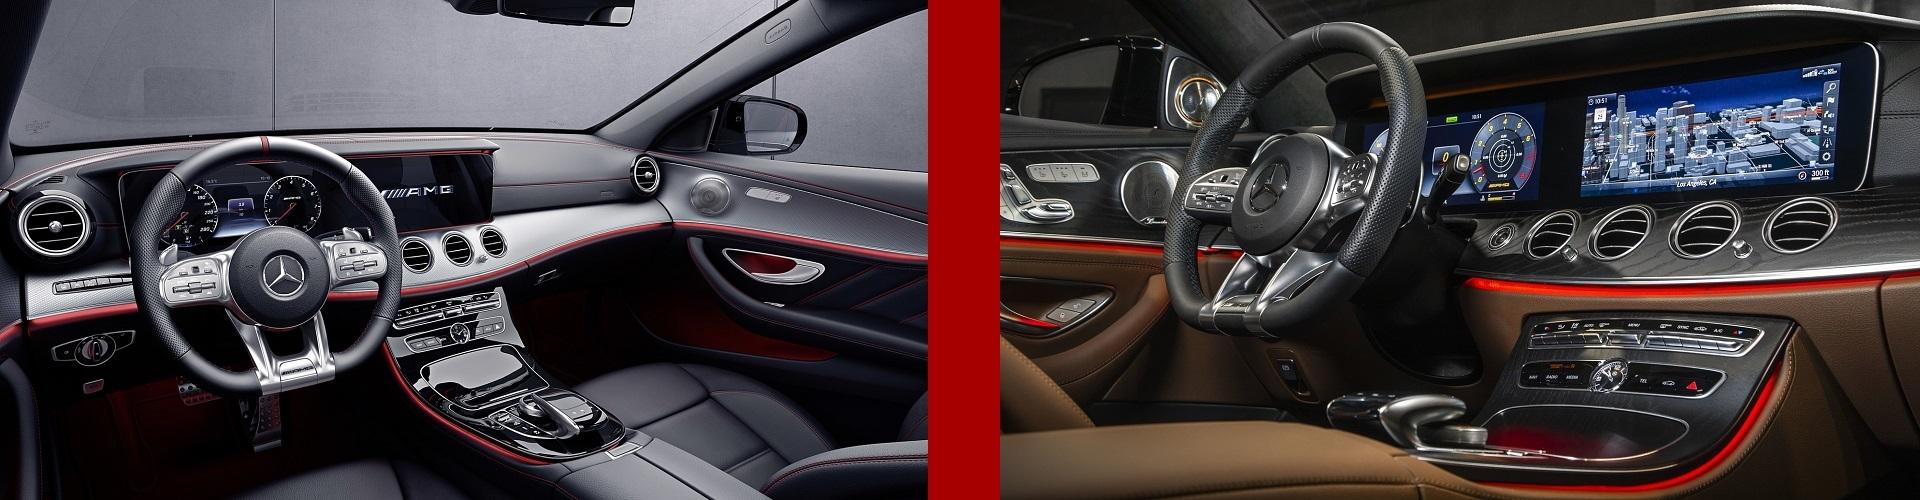 Mercedes Navigasyon Multimedia Arka Eğlence Geri Görüş Kamerası Donanım Yükseltme